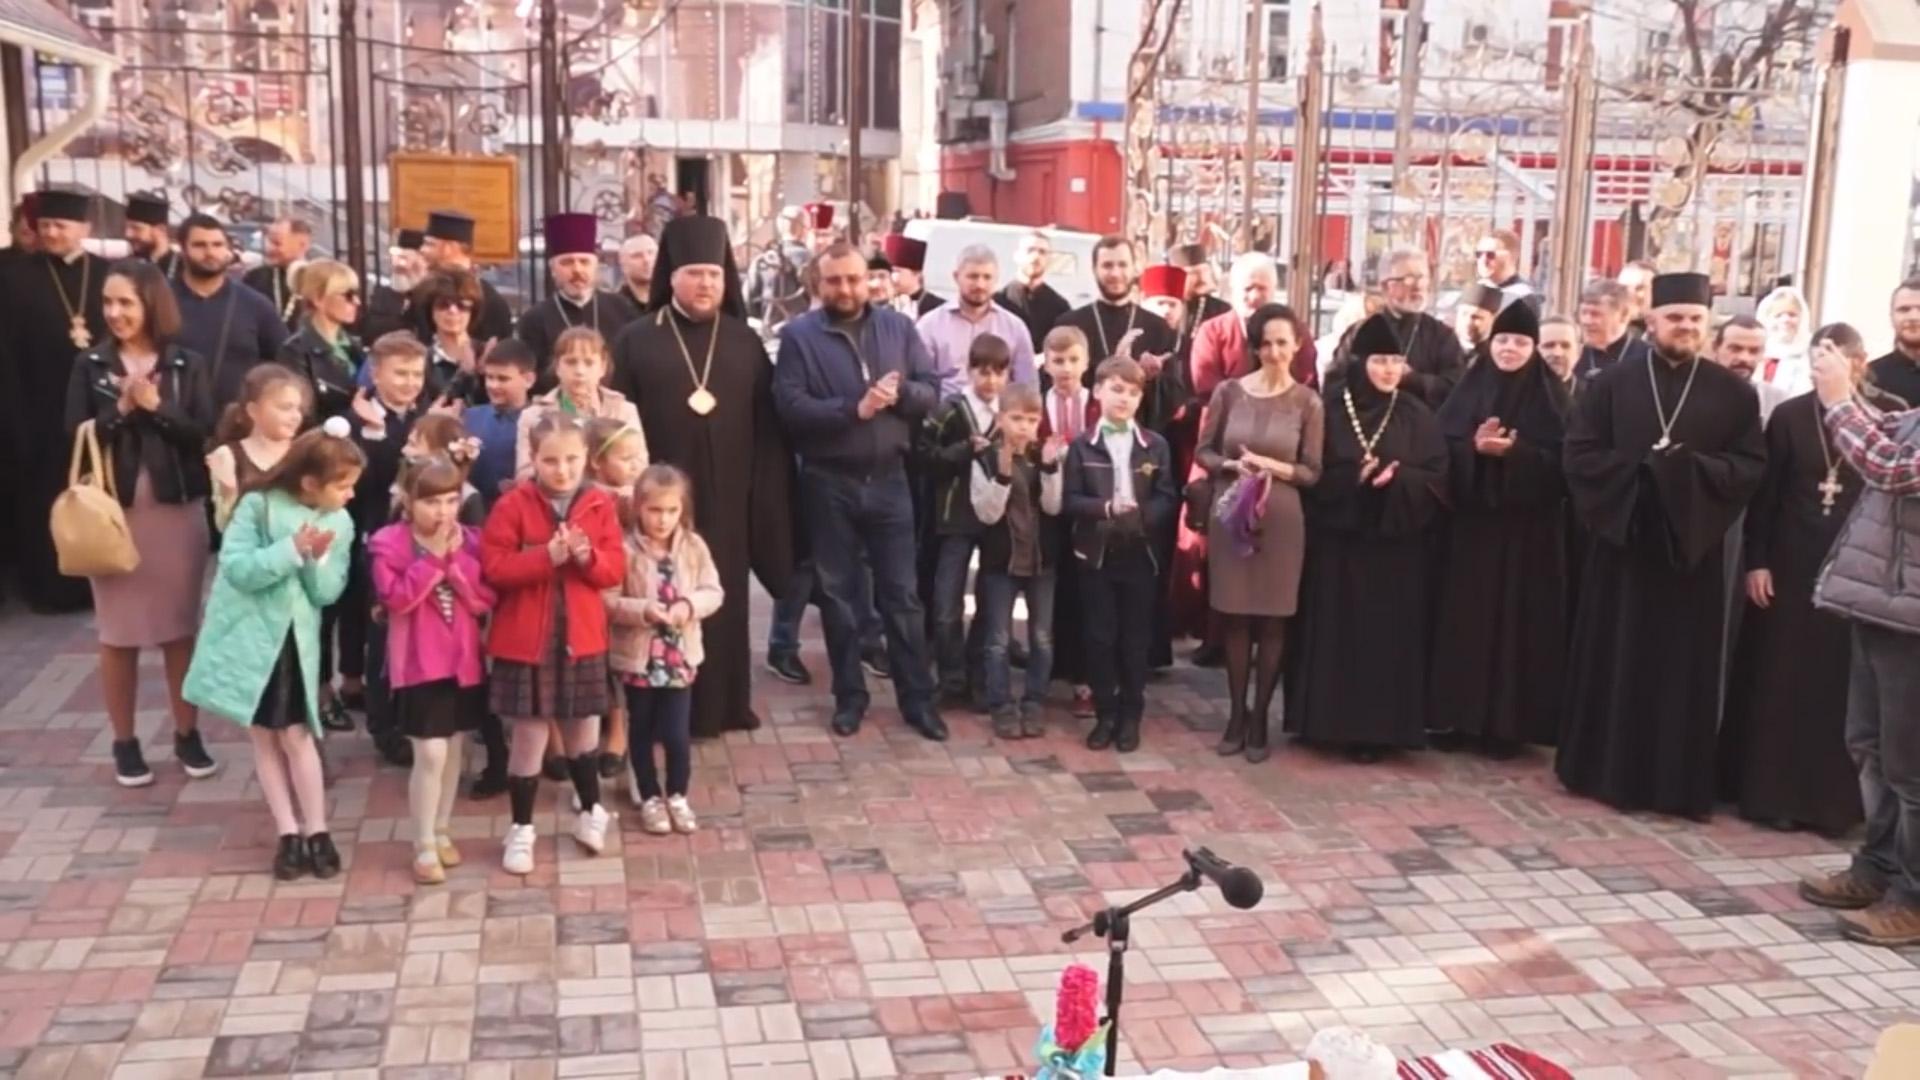 Соборна молитва та вітання у день свята Пасхи (Дніпровська Eпархія УПЦ КП) 2018